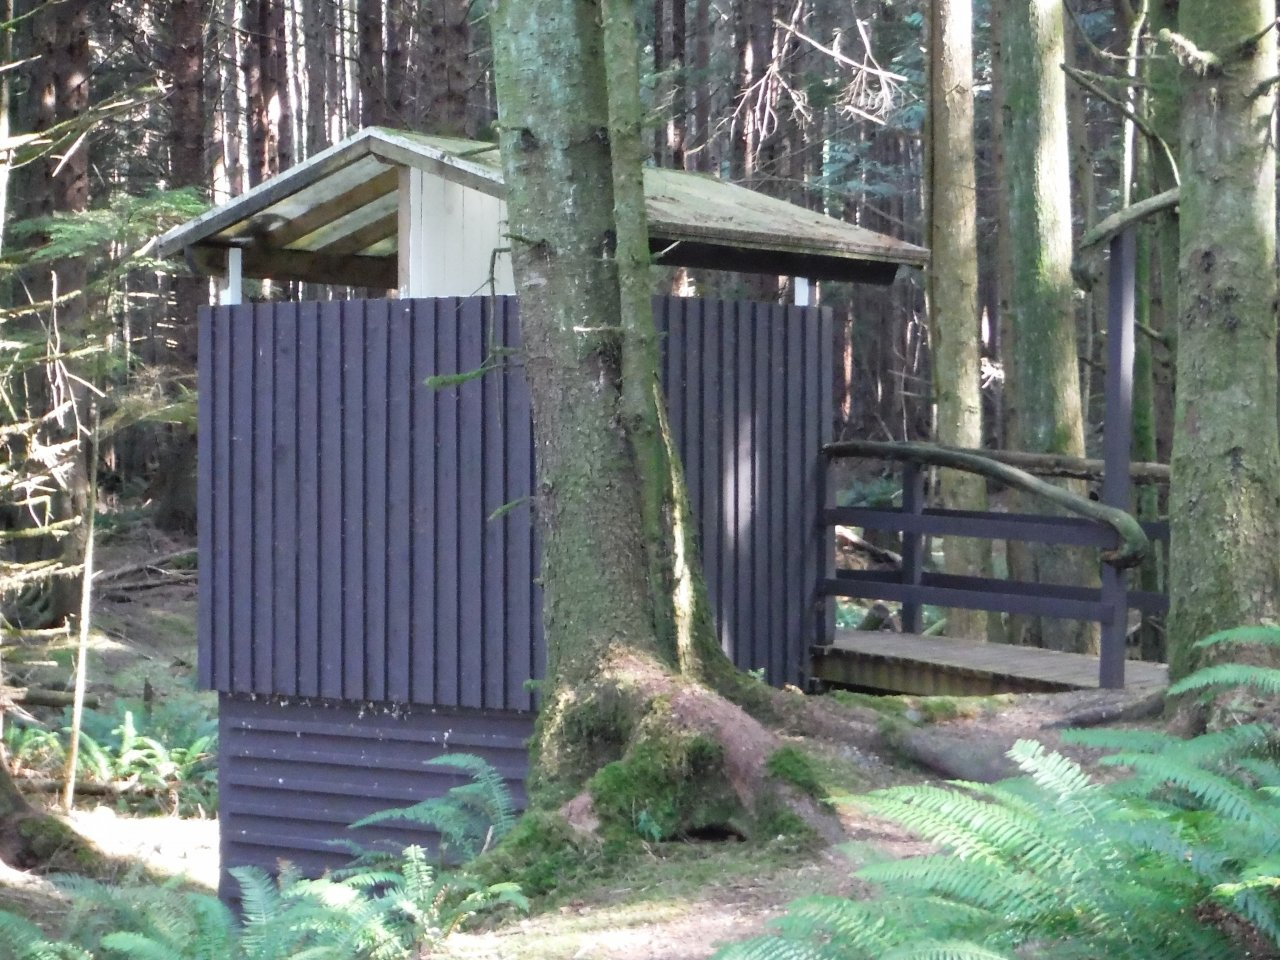 trip_day2_Kaikash_outhouse.JPG